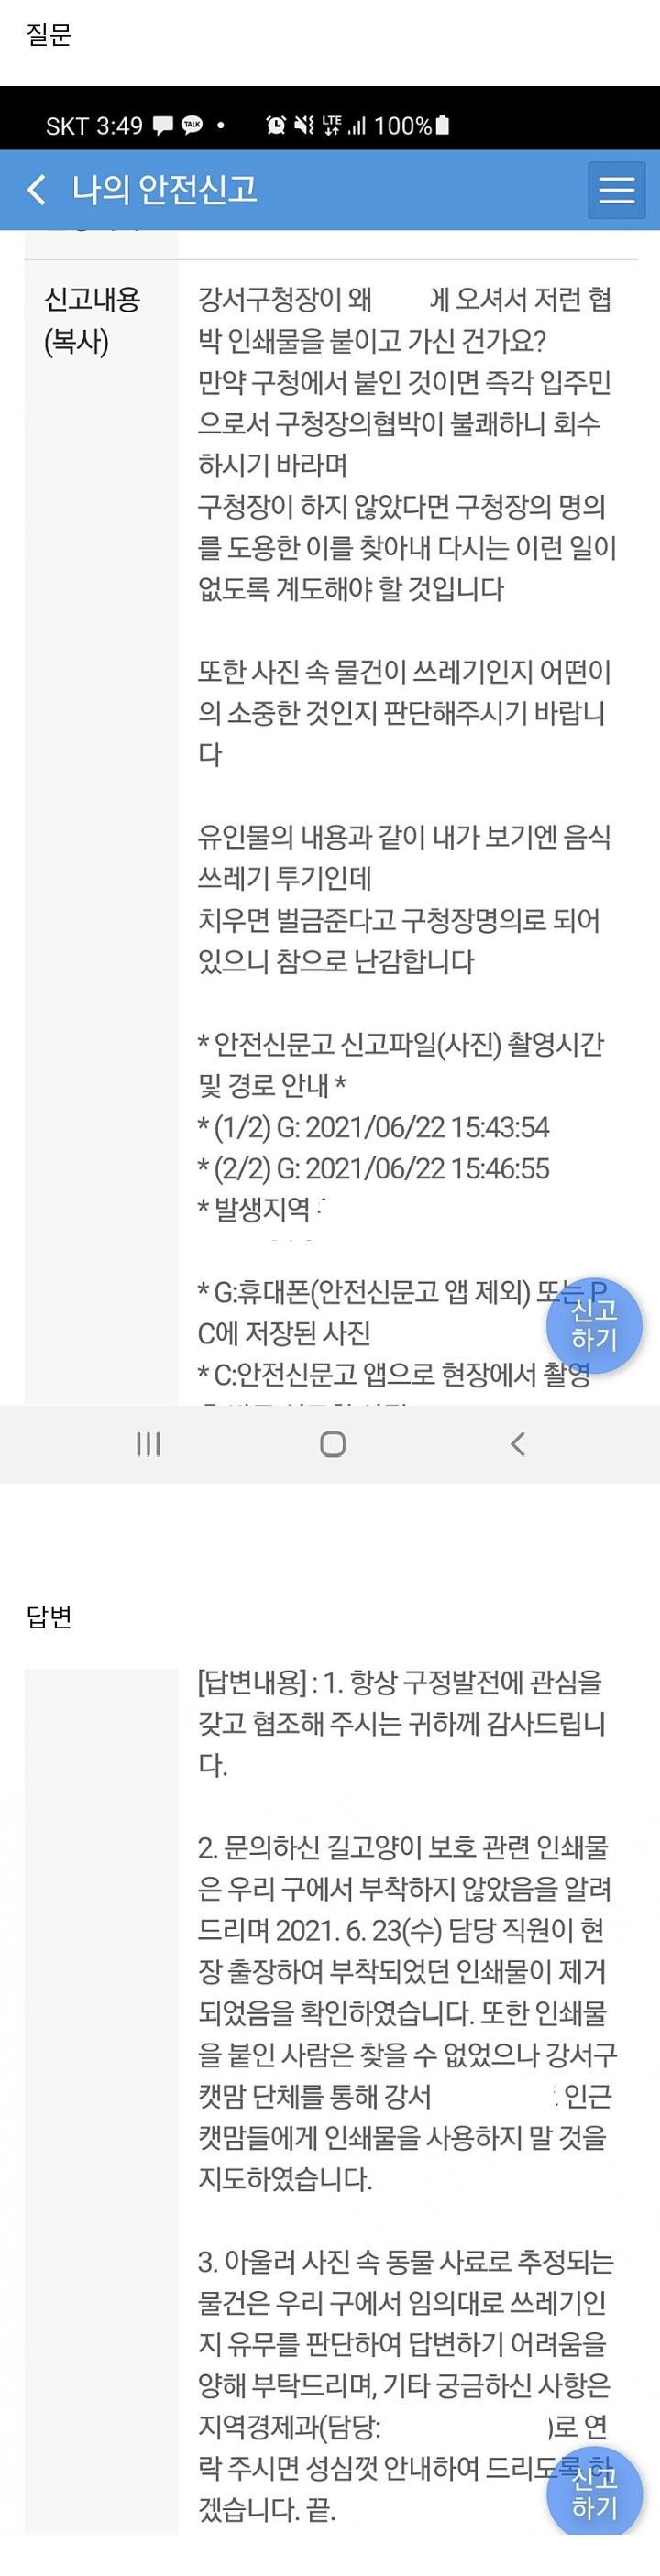 3 - 복사본.png 어제자, 캣맘 레전드 ㄷㄷㄷㄷ.jpg